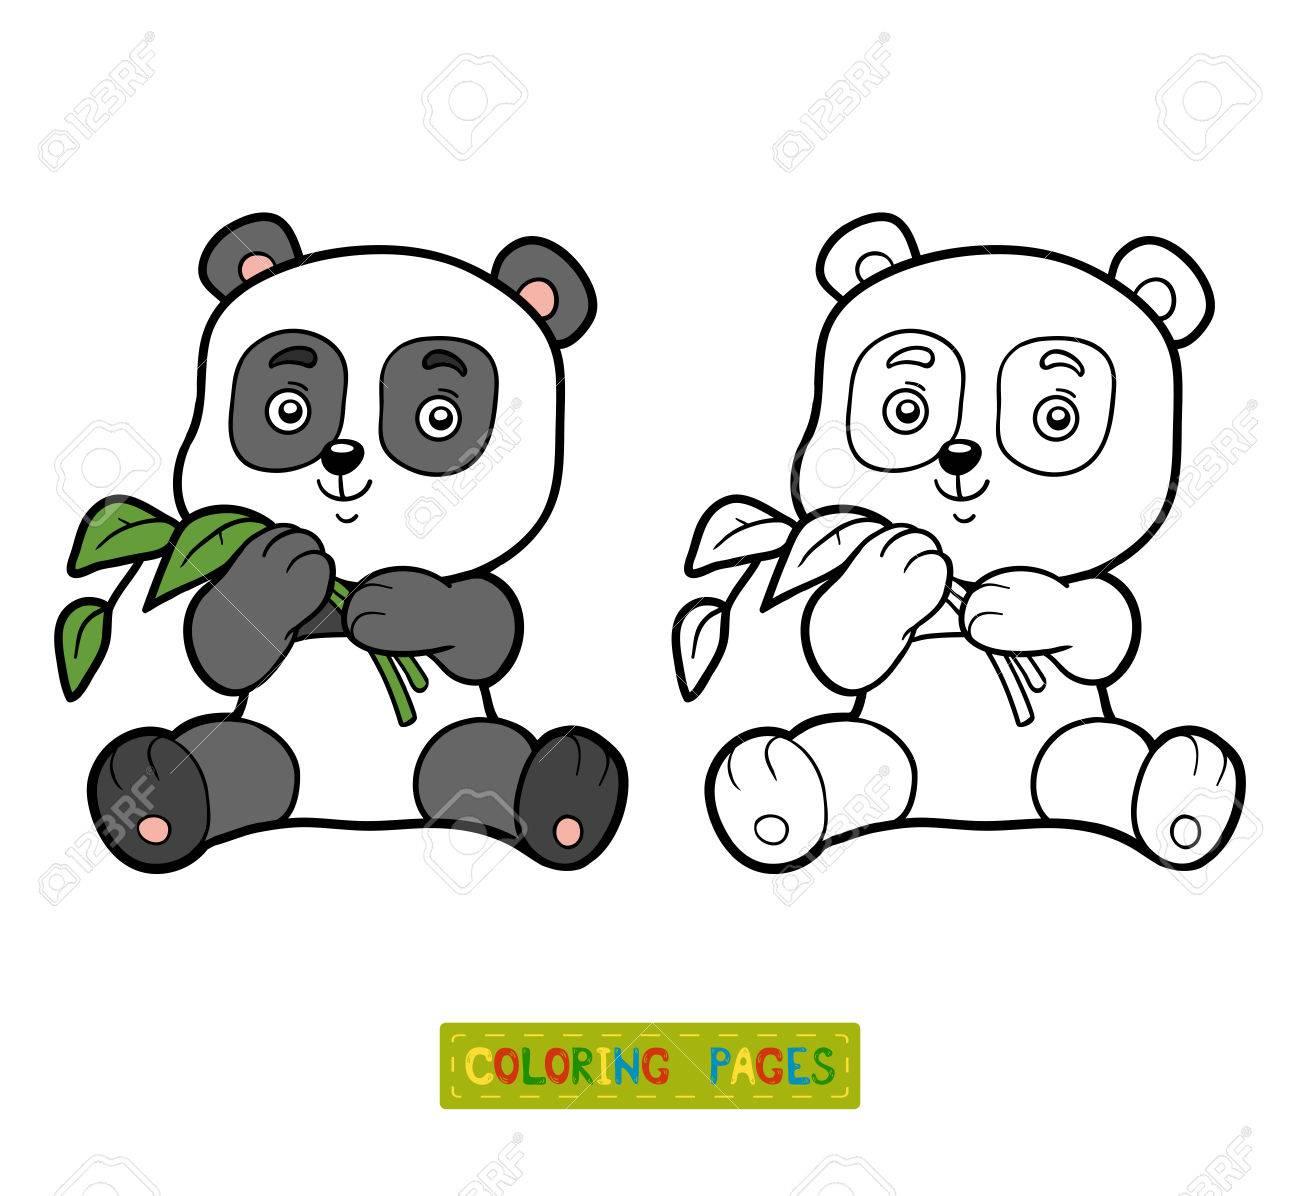 子供用の小さなパンダのぬりえ塗り絵のイラスト素材ベクタ Image